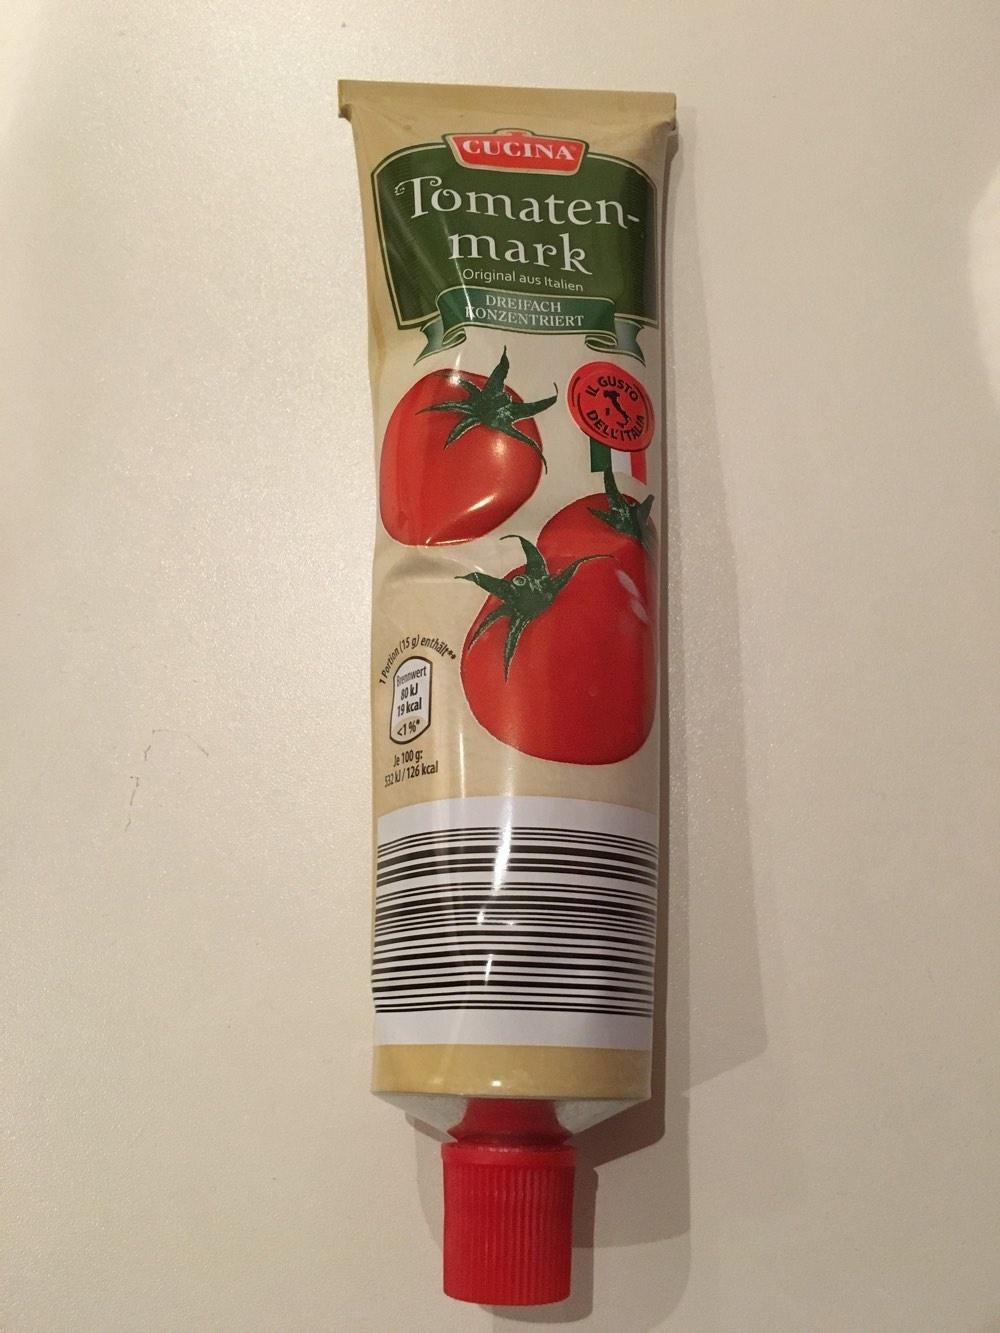 Tomatenmark dreifach konzentriert - Produit - fr